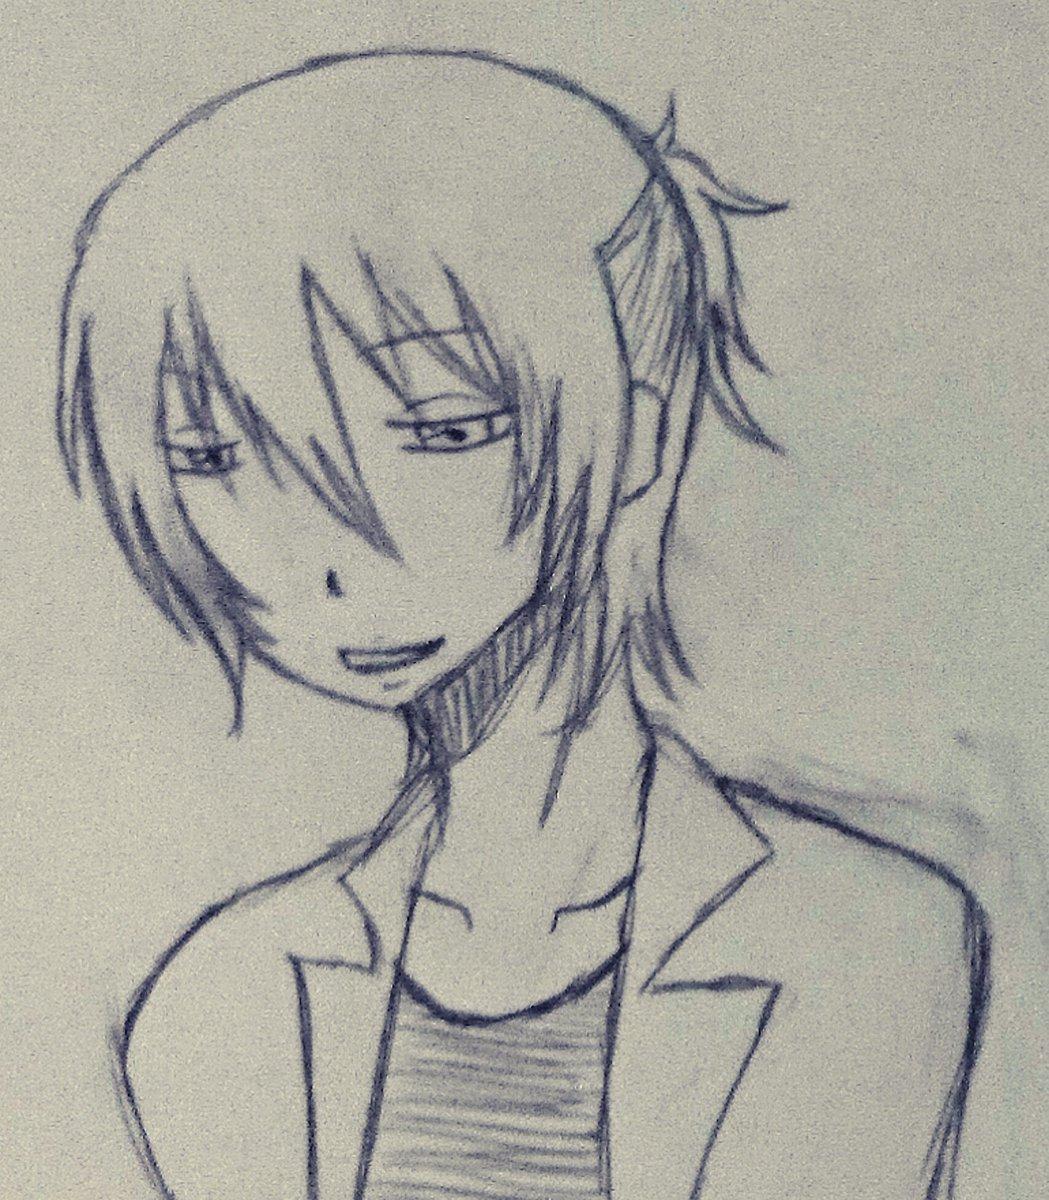 霧弥さん描いた_(ゝ「ε:)_オネェで奏さんがお気に入りな殺し屋さん。昼間はしのぶさんとこの高校の養護教諭。いつかのハロ